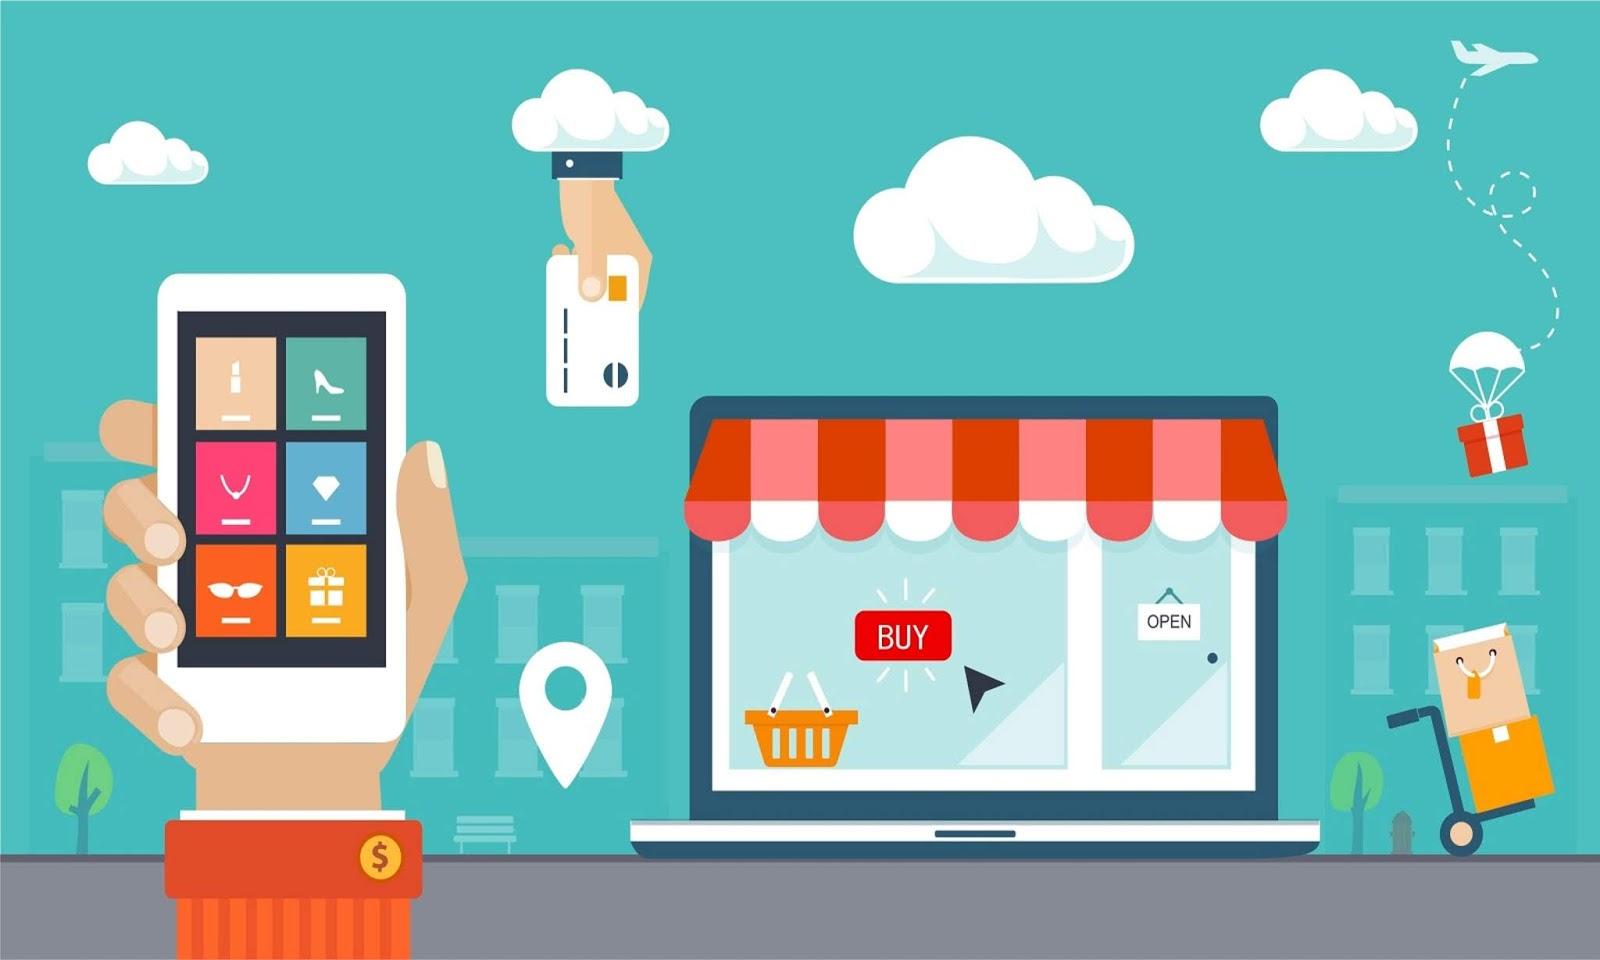 Bisnis Online Modern Paling Menjanjikan Dengan Modal Kecil ...